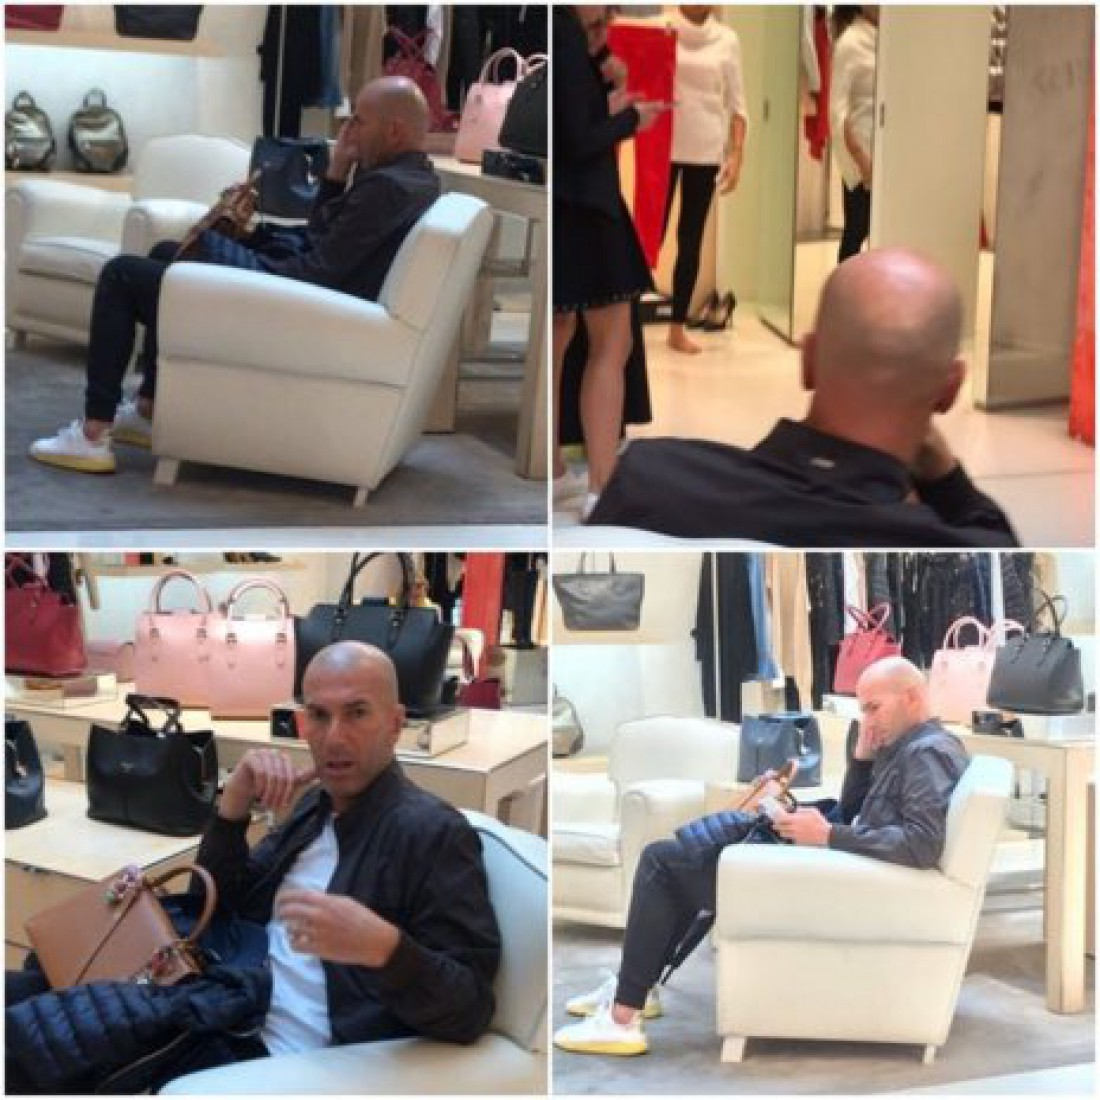 Зинедин Зидан ожидает свою жену во время шоппинга